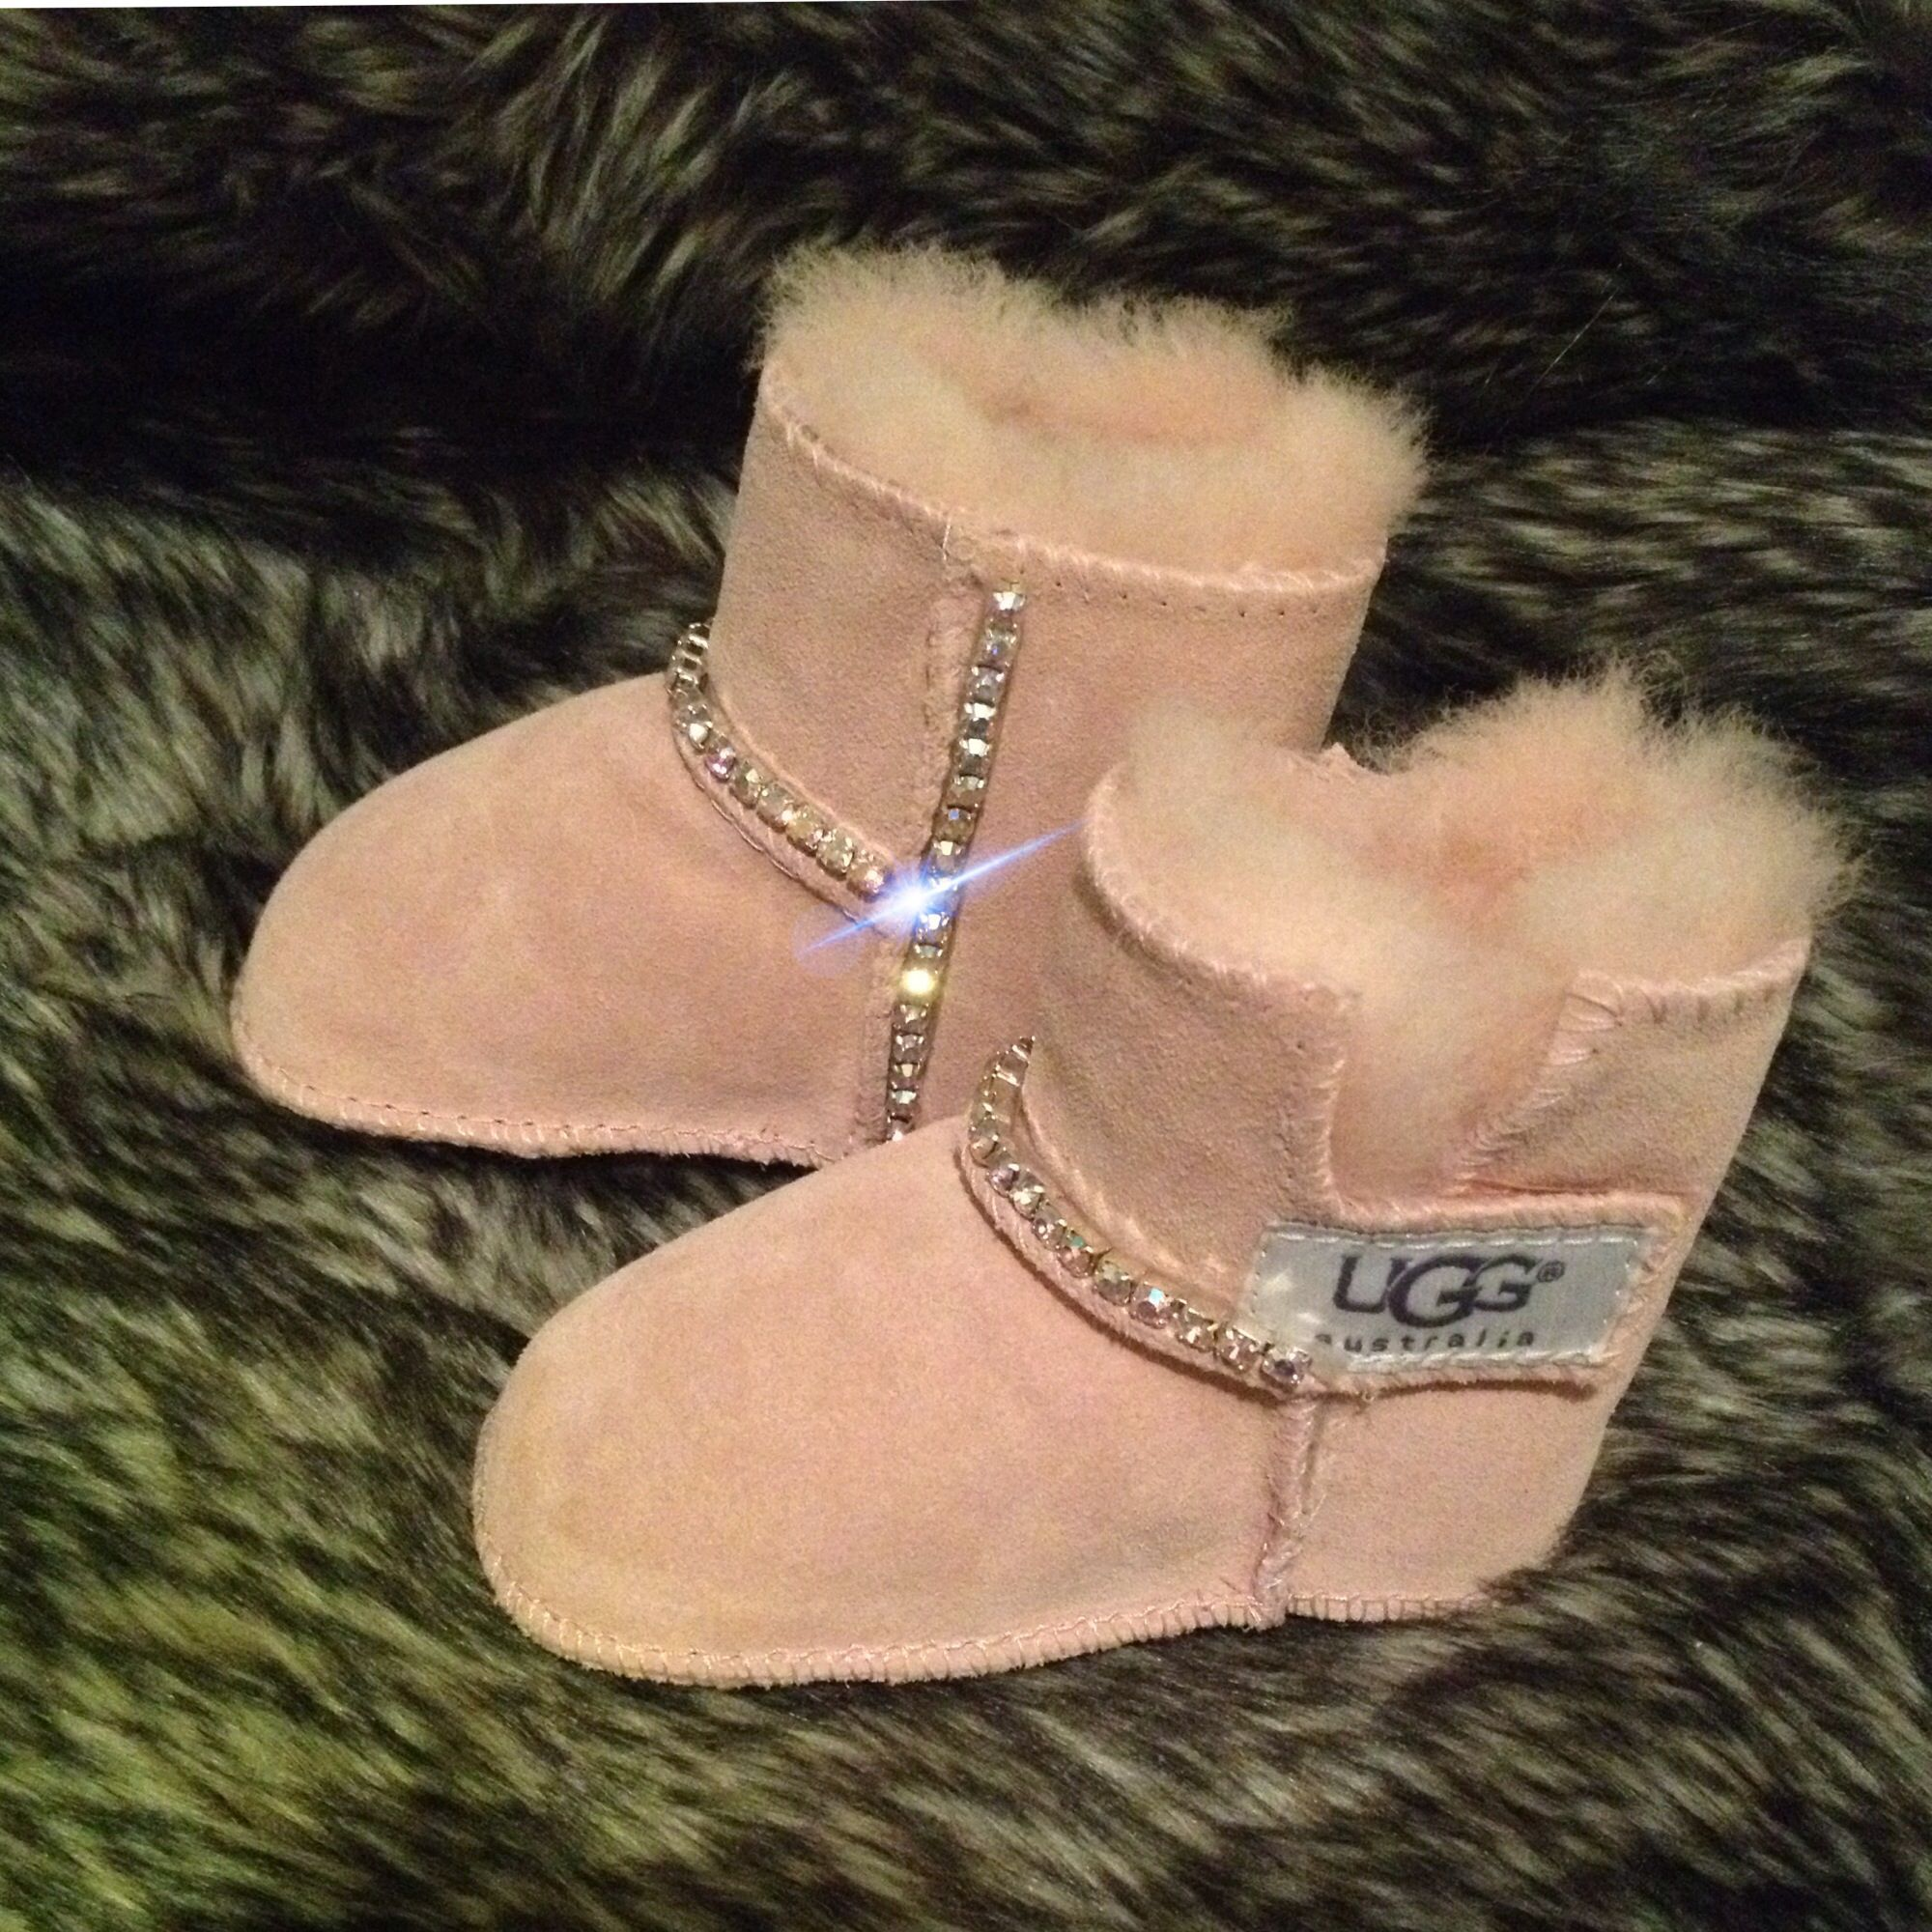 ugg baby girl boots